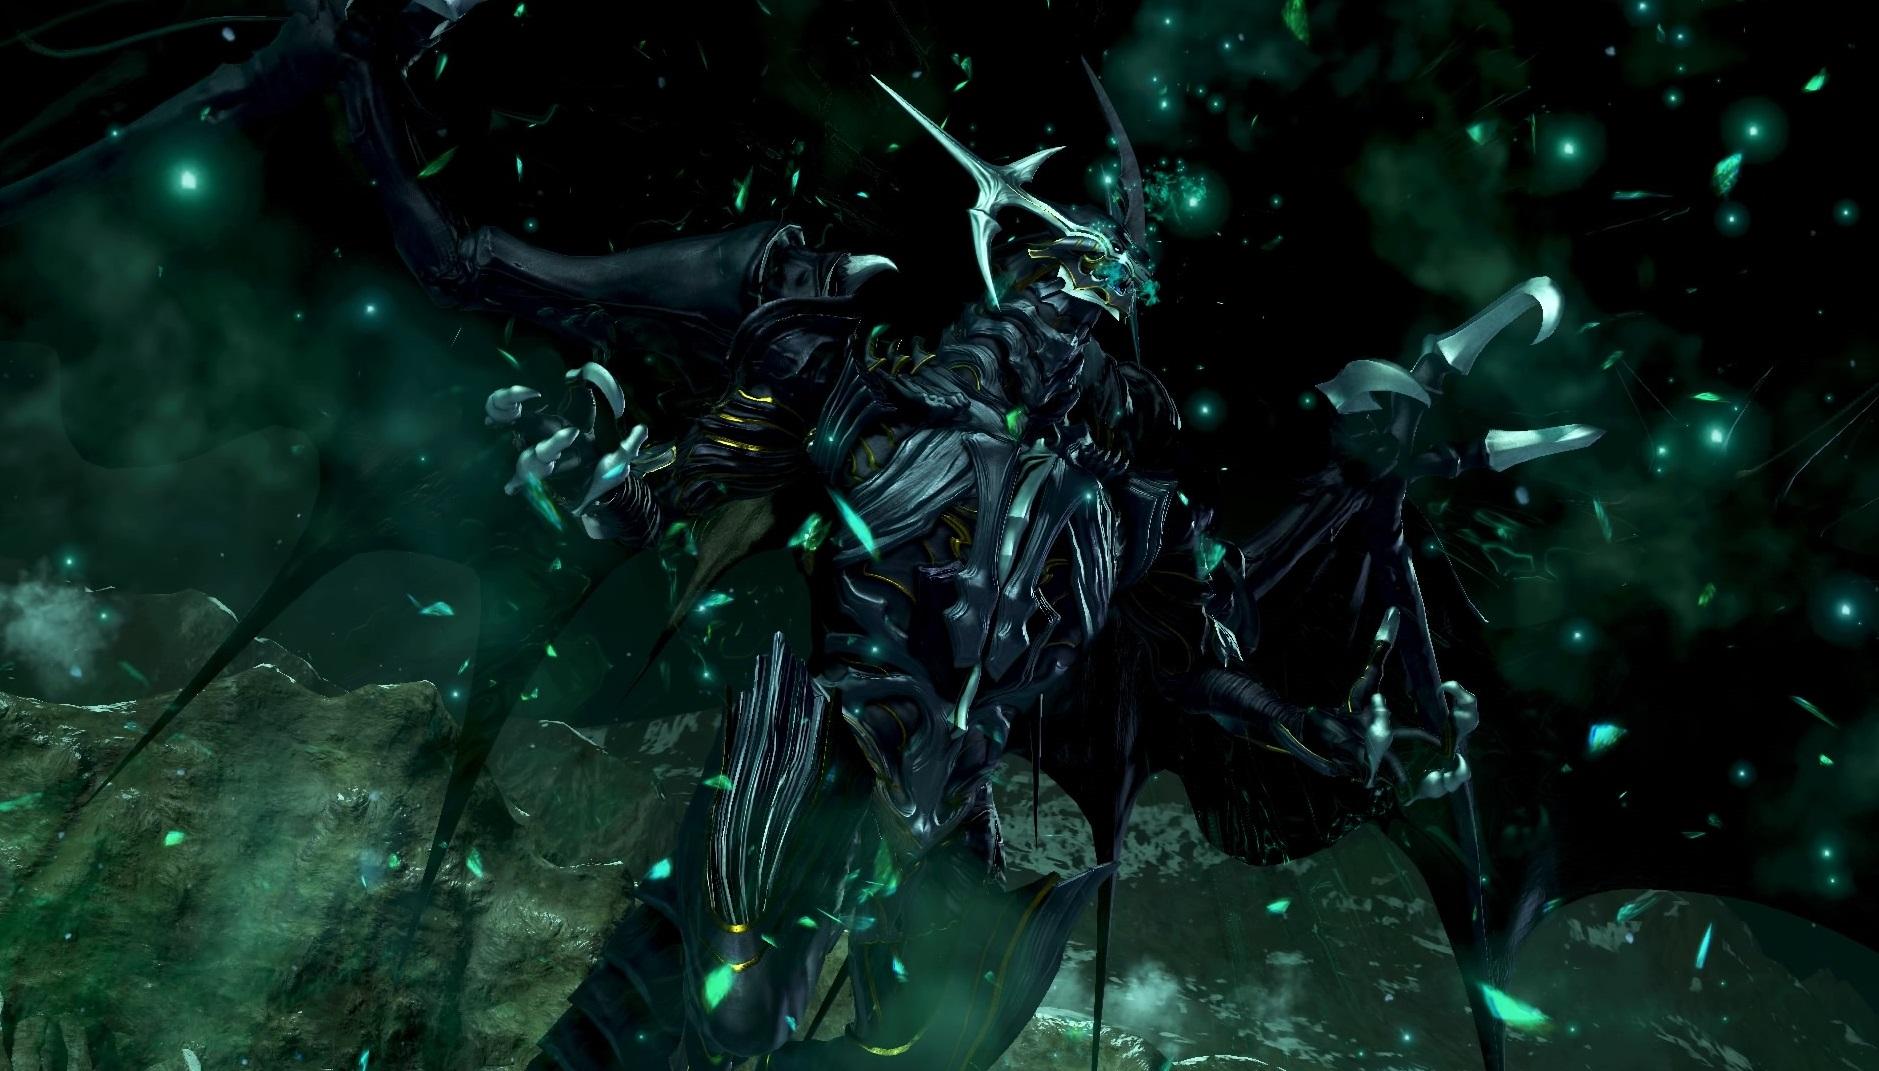 画像集 002 ディシディア ファイナルファンタジー 新召喚獣